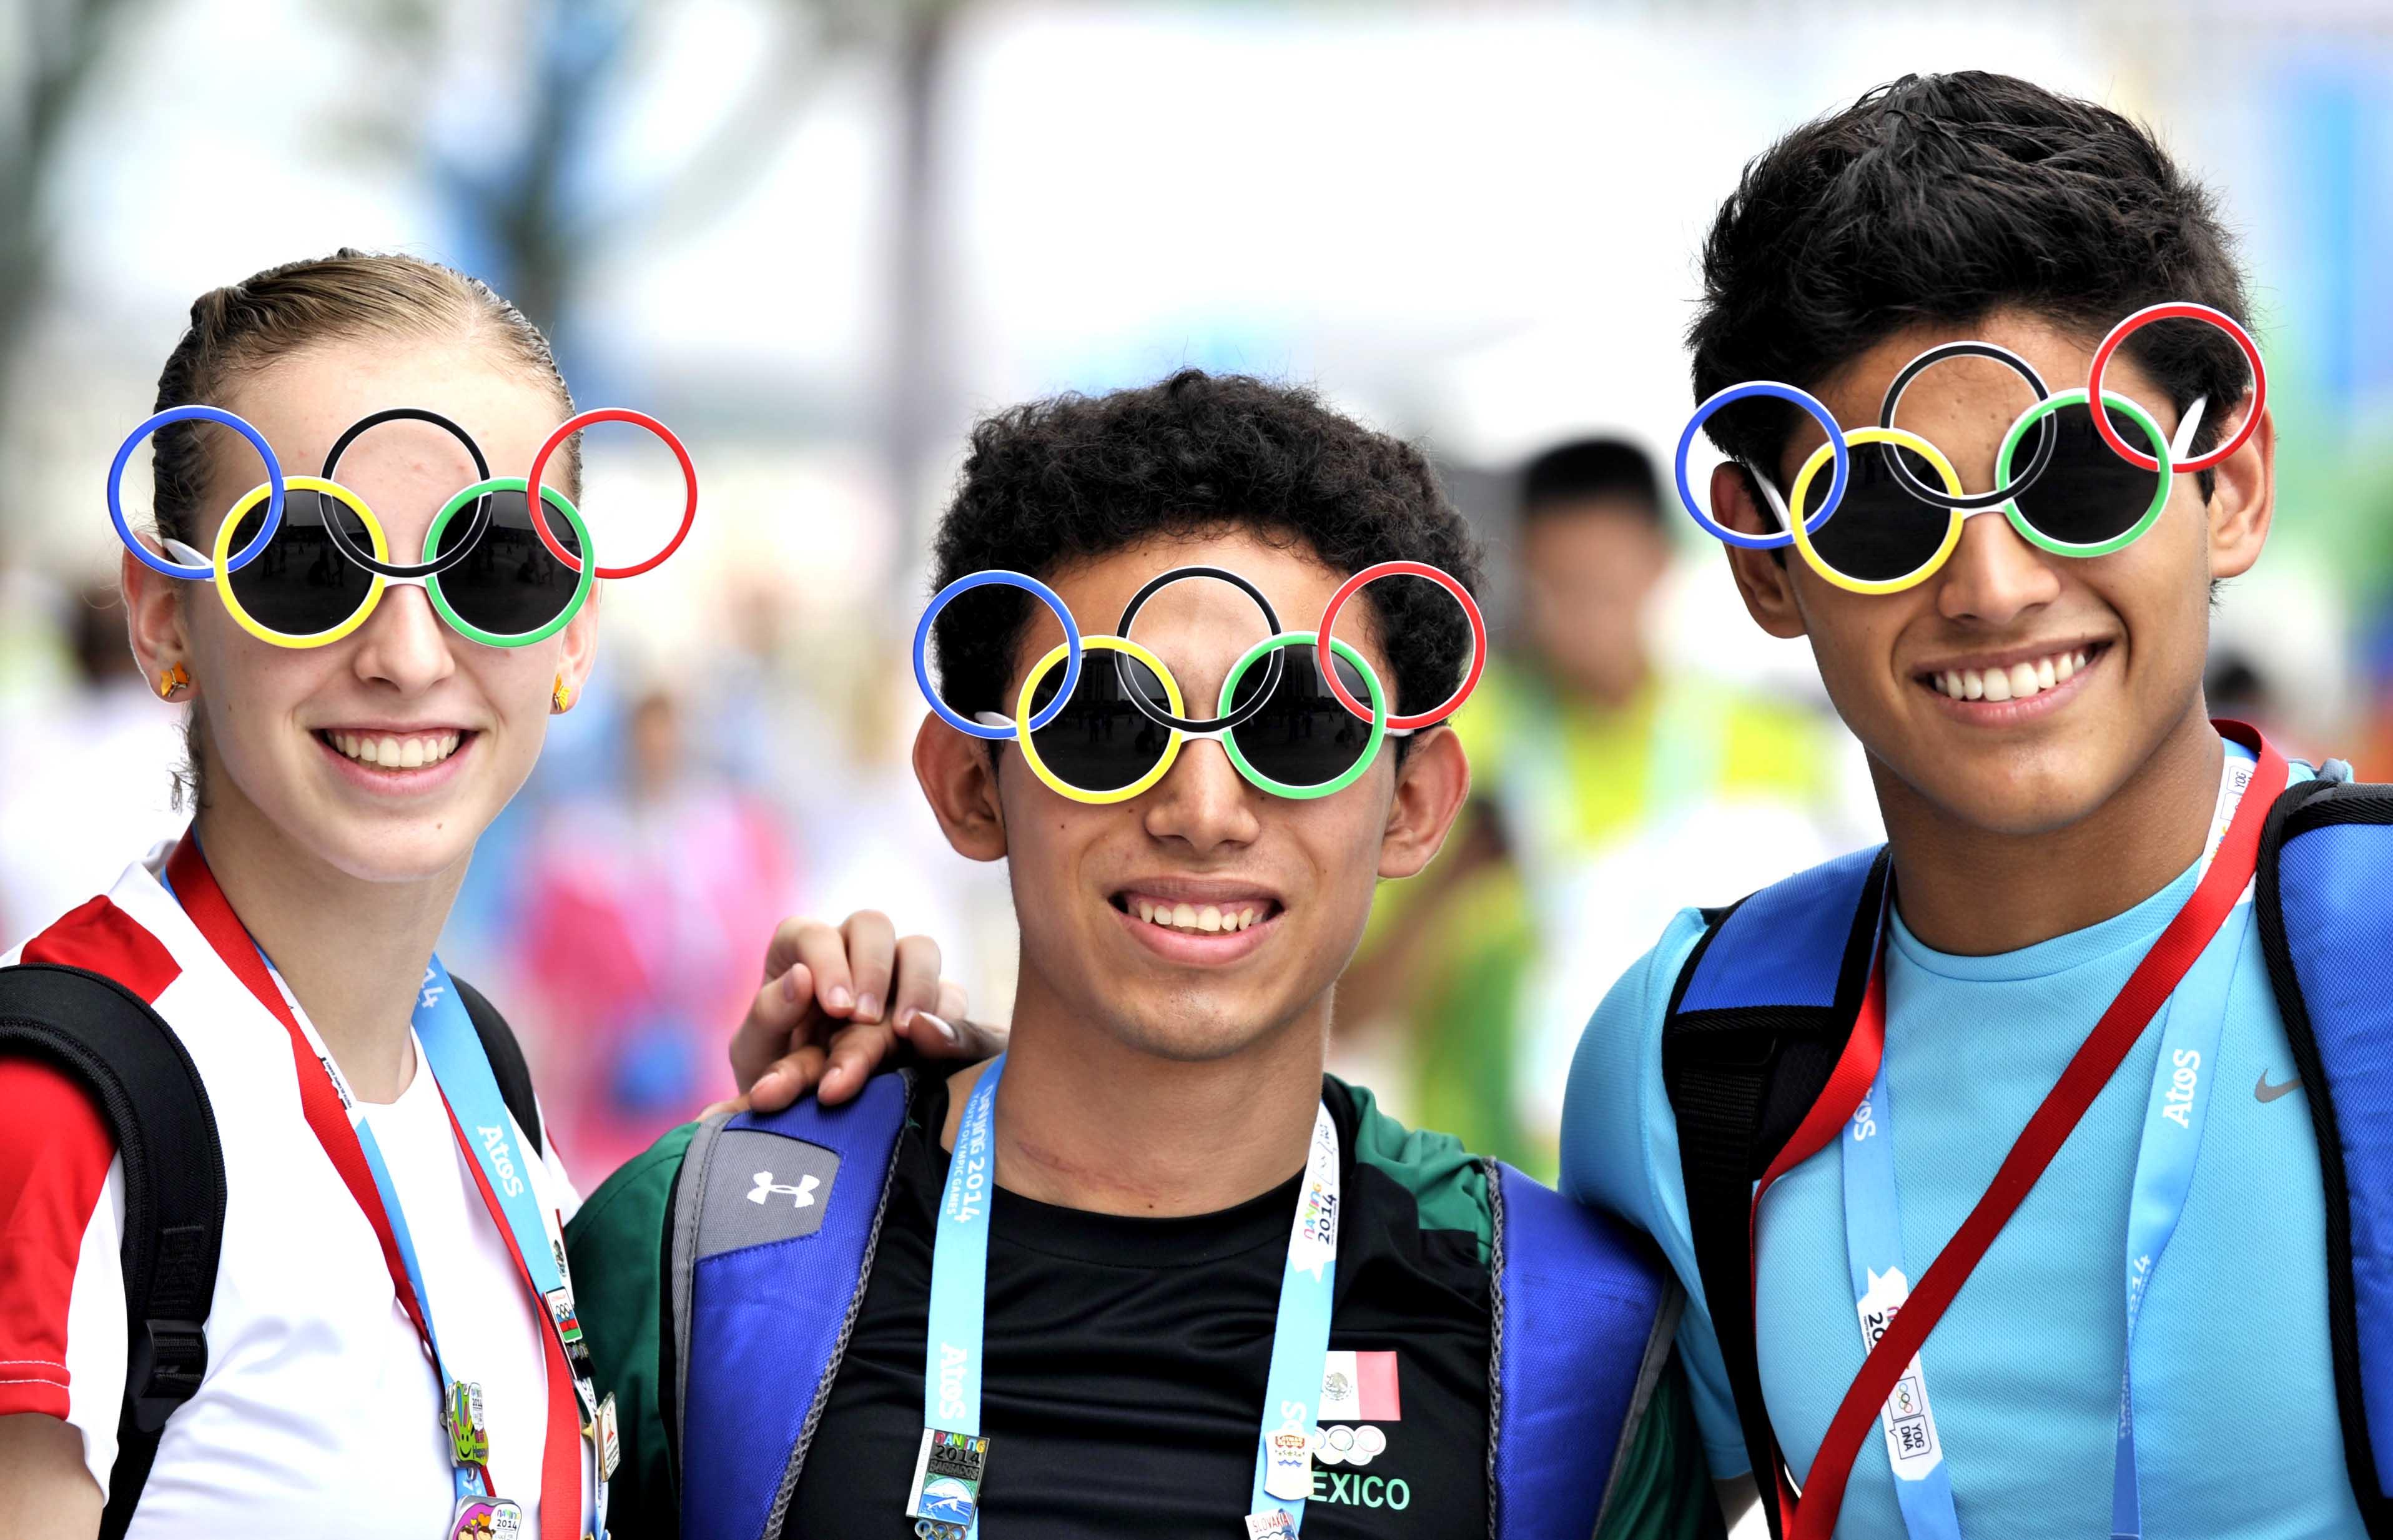 南京 南京市/8月15日,墨西哥运动员塞蒂纳(中)与队友带着奥运五环墨镜...